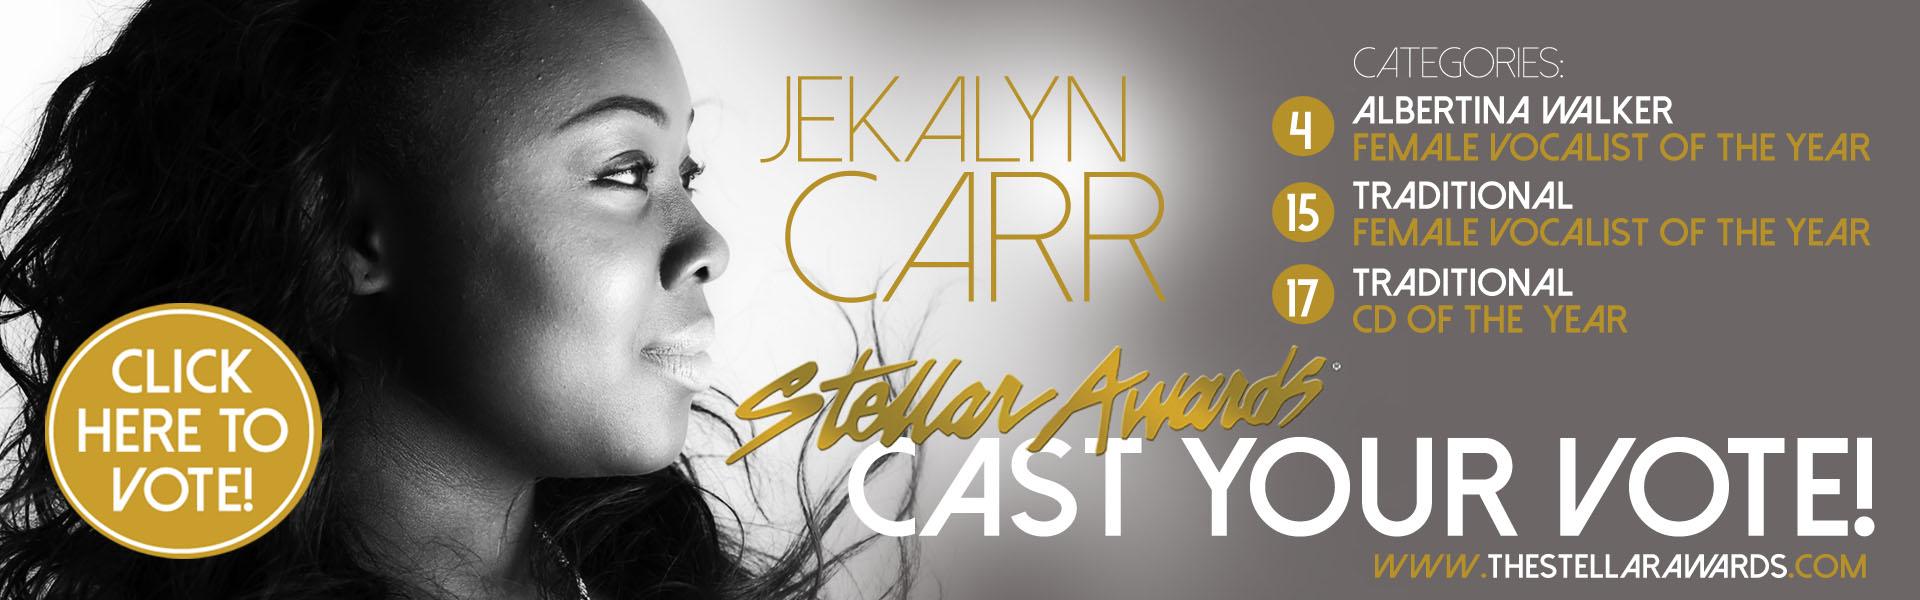 Jekalyn-Stellar-Slide